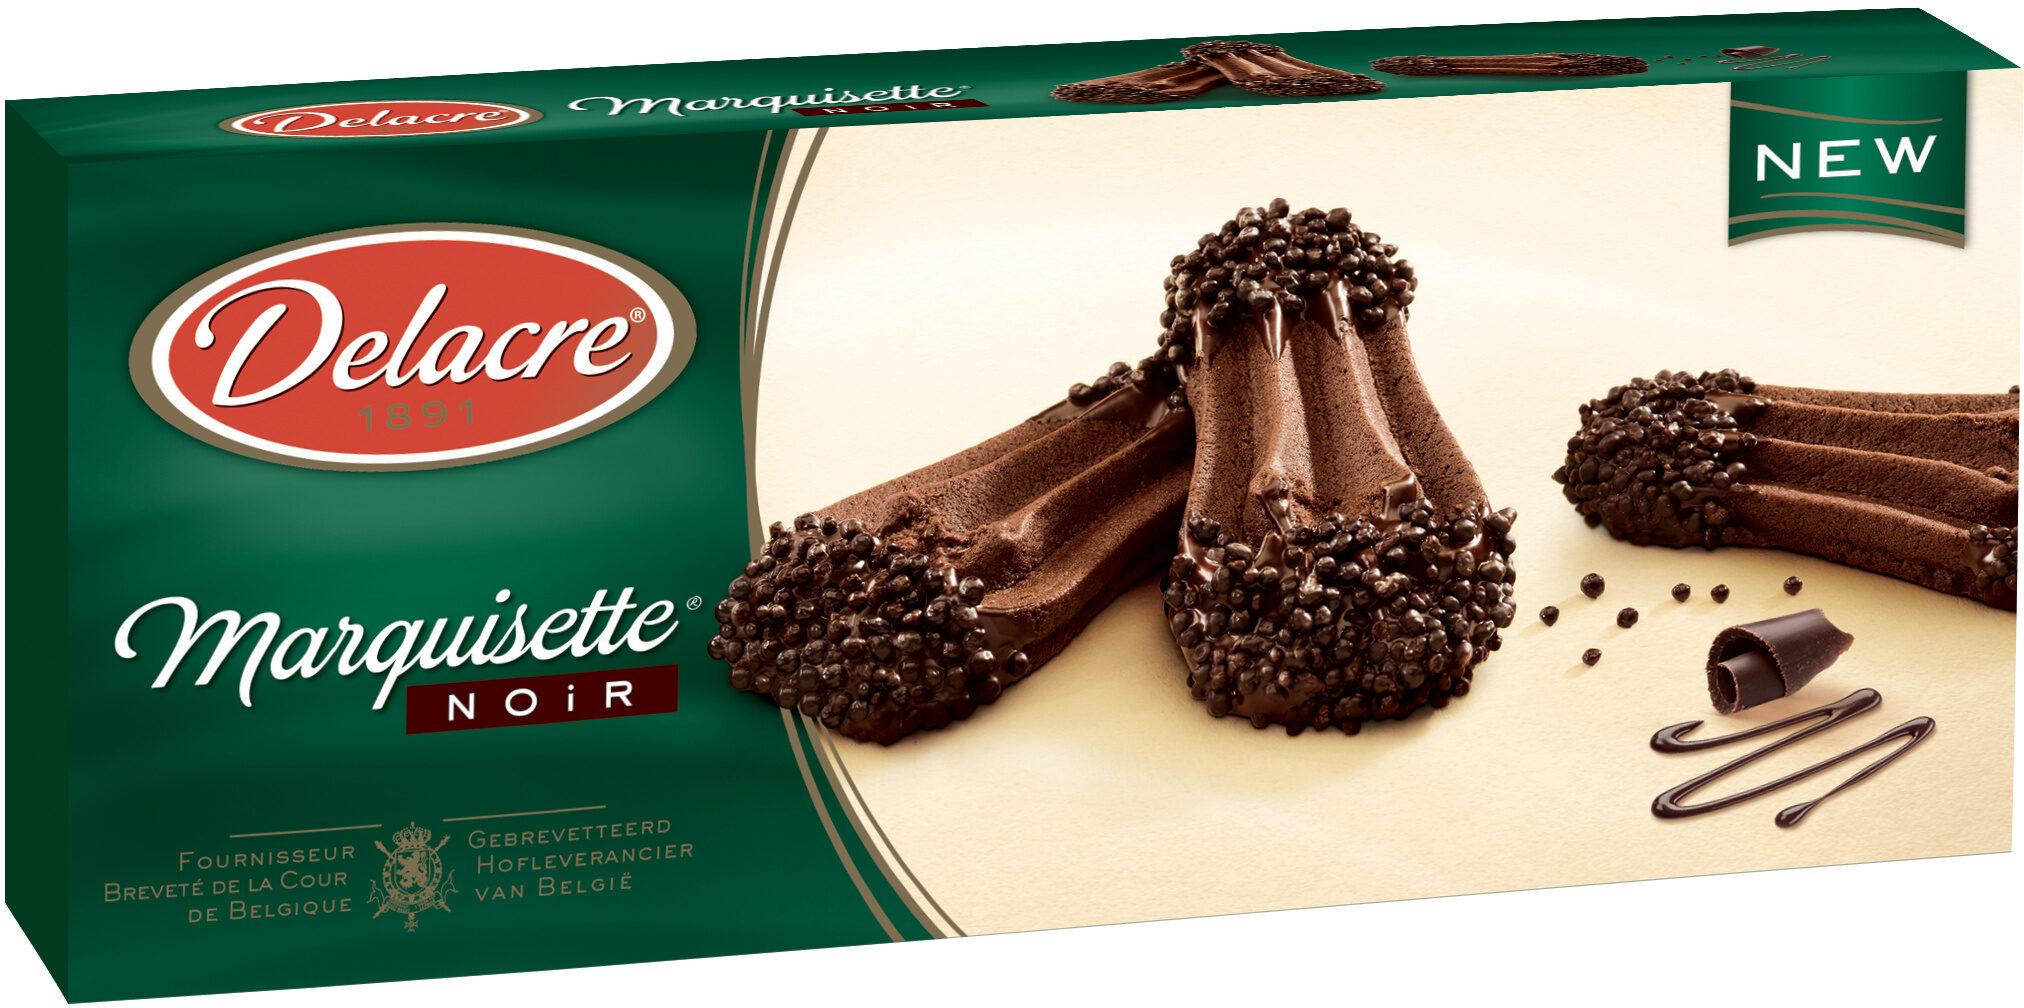 Delacre marquisettes biscuits chocolat noir - Produit - fr